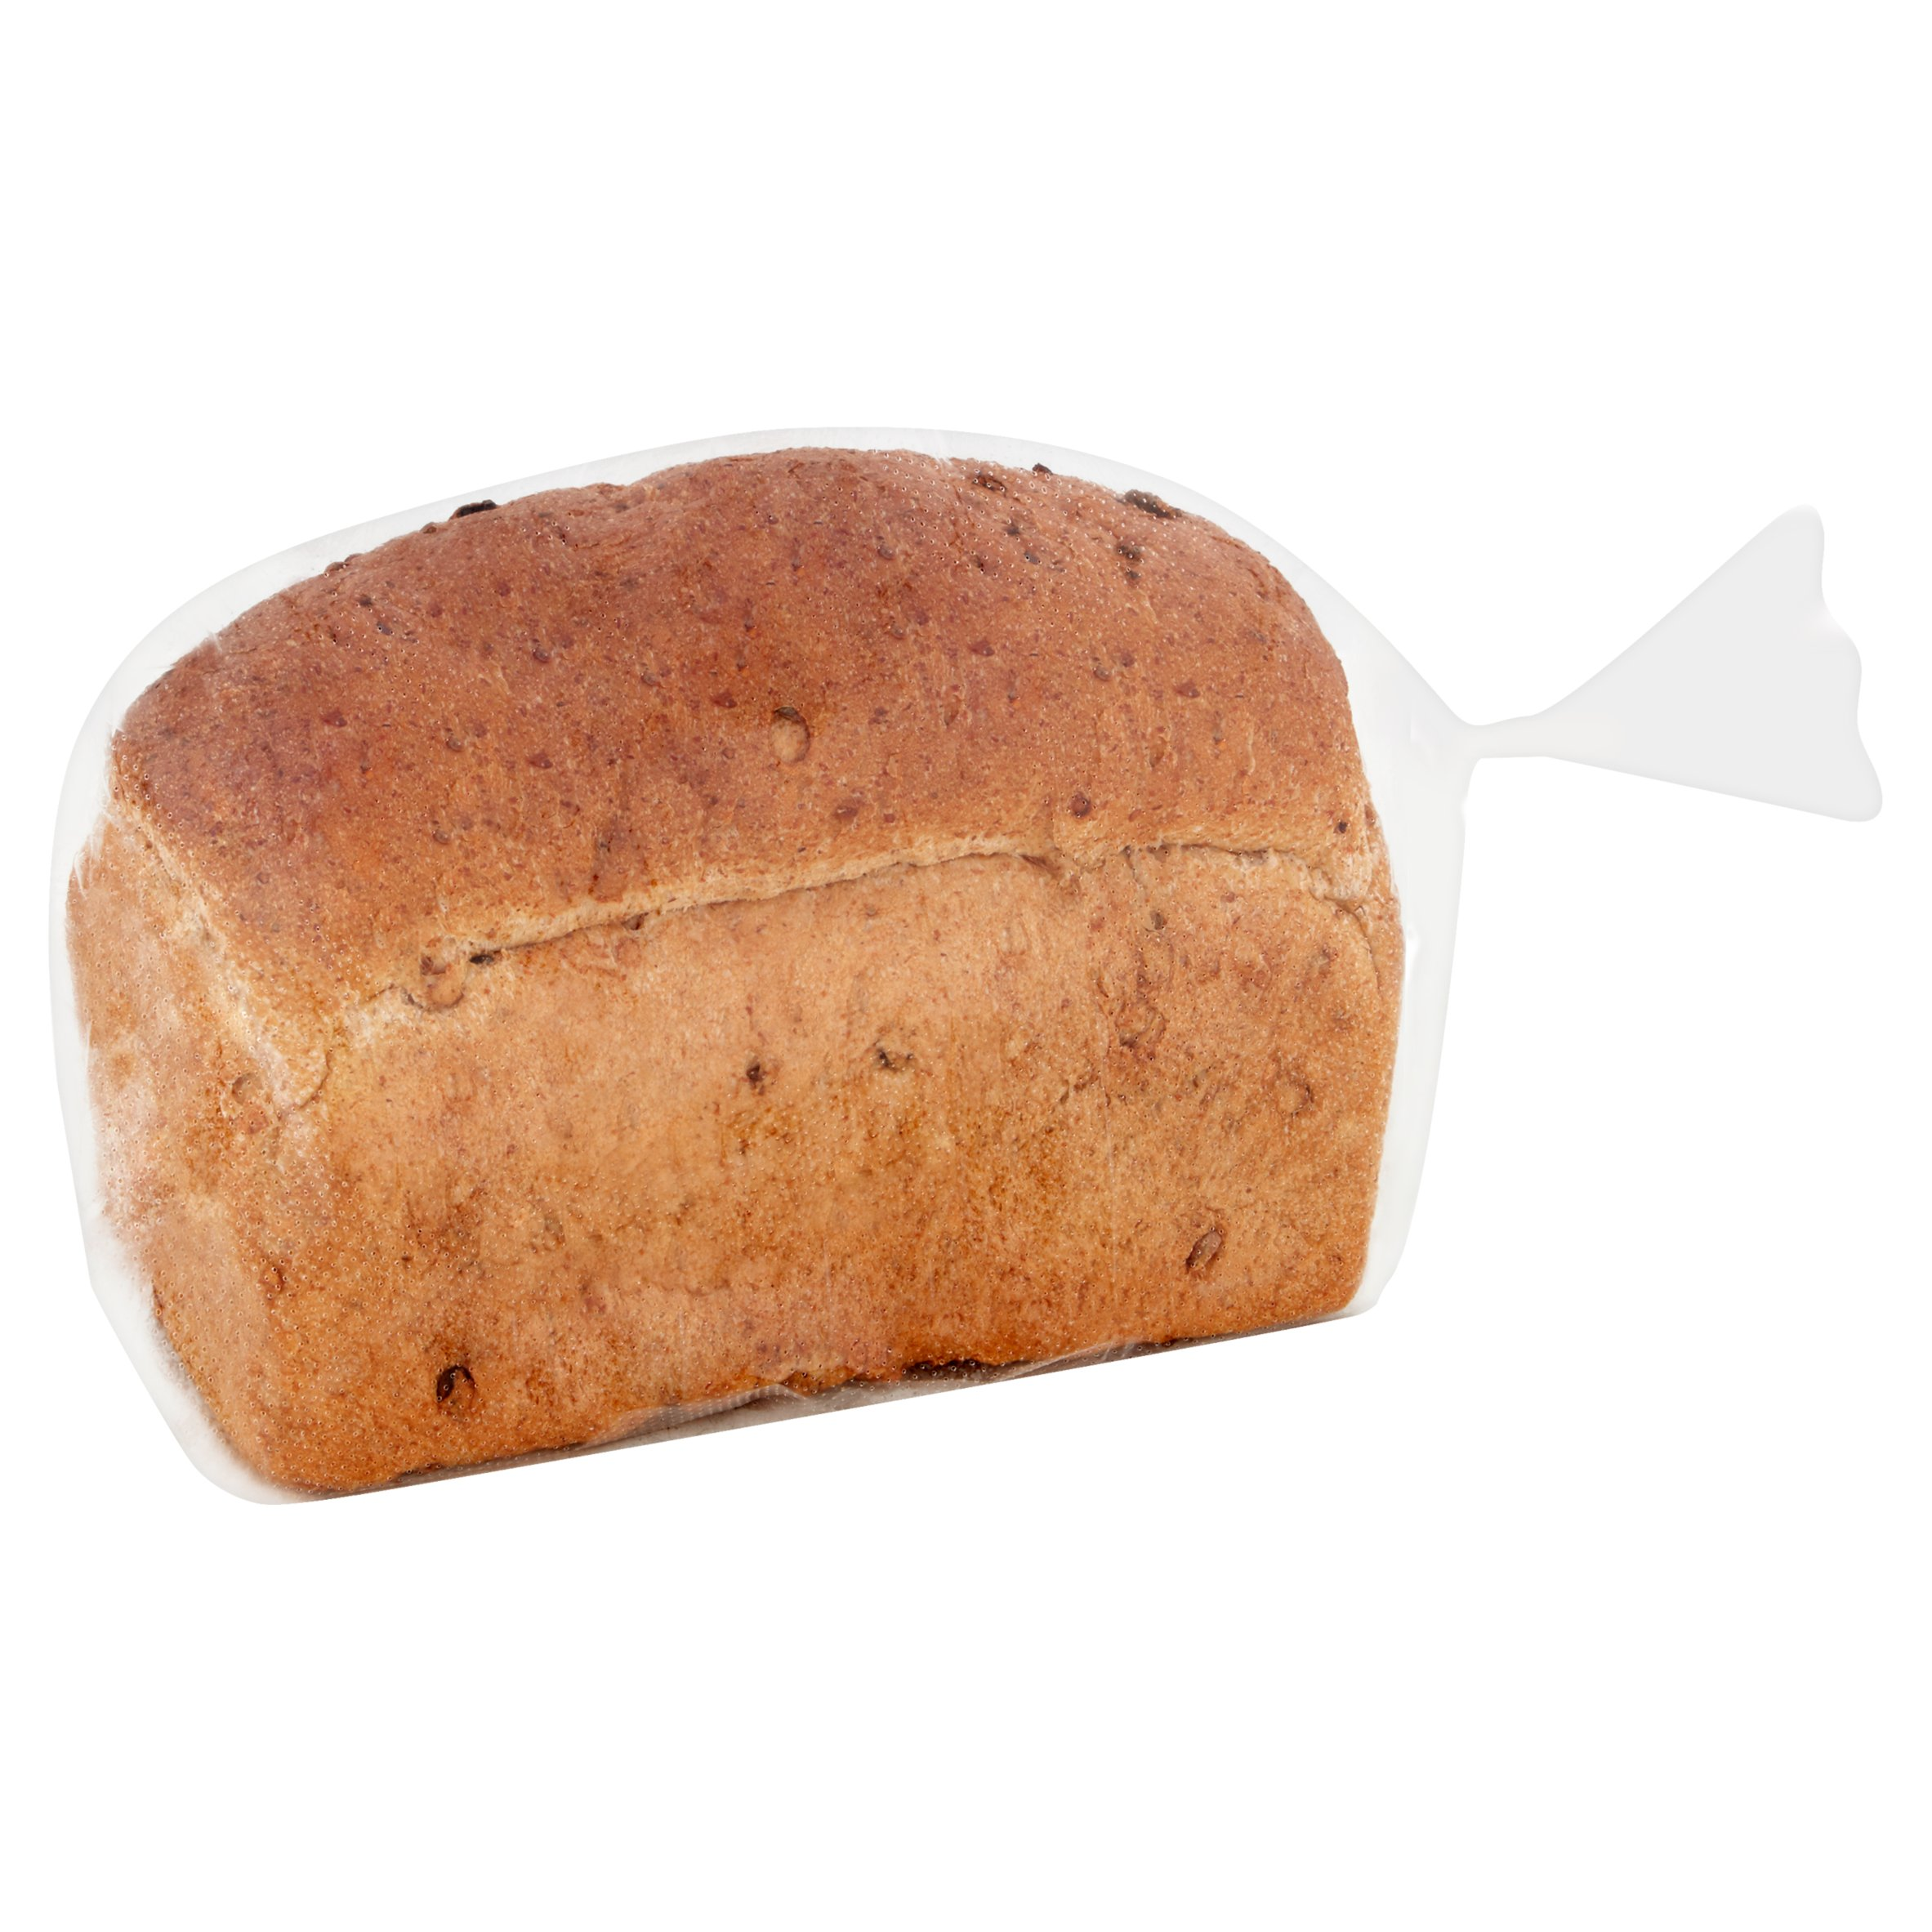 Malted Grain Loaf 400G